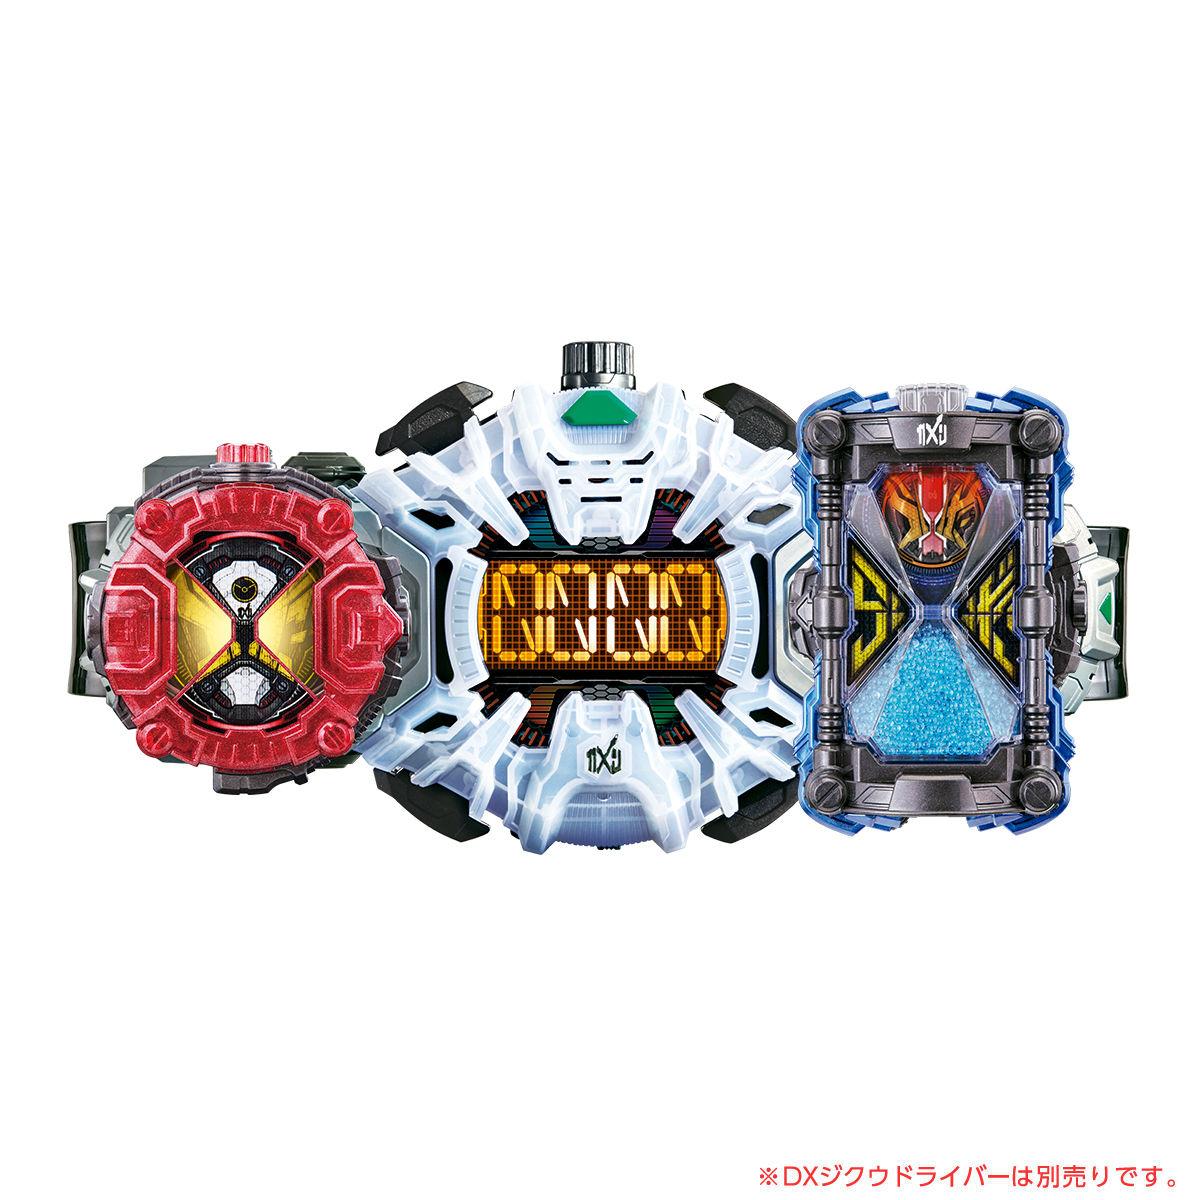 ライドウォッチ『DXゲイツ リバイブ ライドウォッチ』仮面ライダージオウ 変身なりきり-003